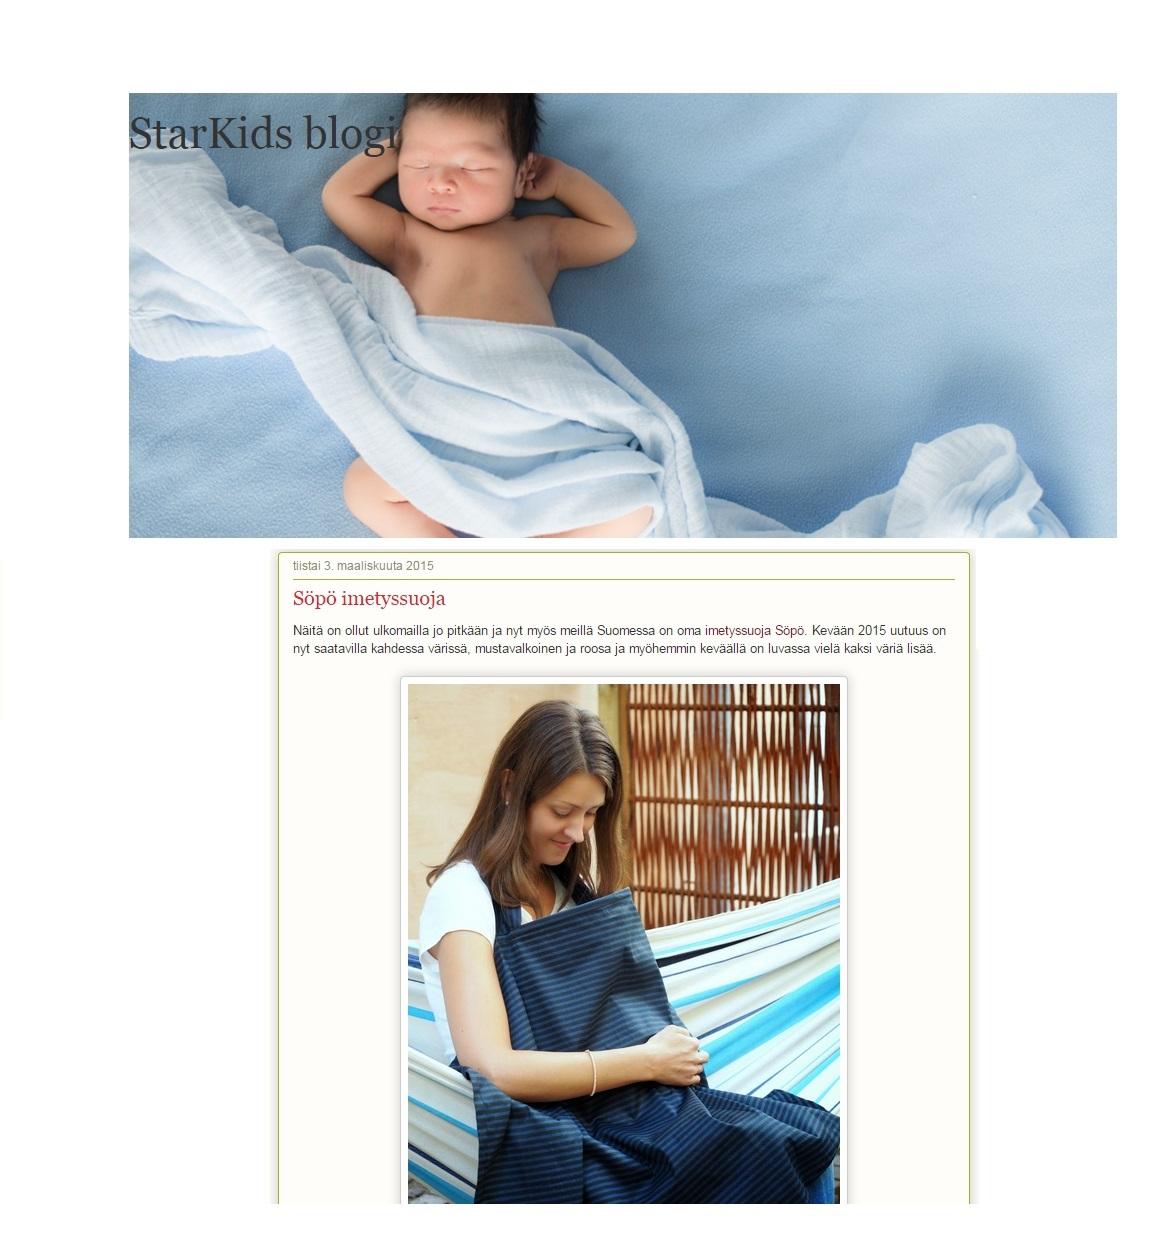 STARKIDS  Kolmen pienen veijarin äiti kirjoittaa StarKids blogissa verkkokaupan kuulumisia sekä otoksia perheen arjesta ja joskus juhlastakin. Pikku muruset ovat 7, 5 ja 2 vuotiaita, kolme poikaa, joten vauhtia ja vilskettä riittää.